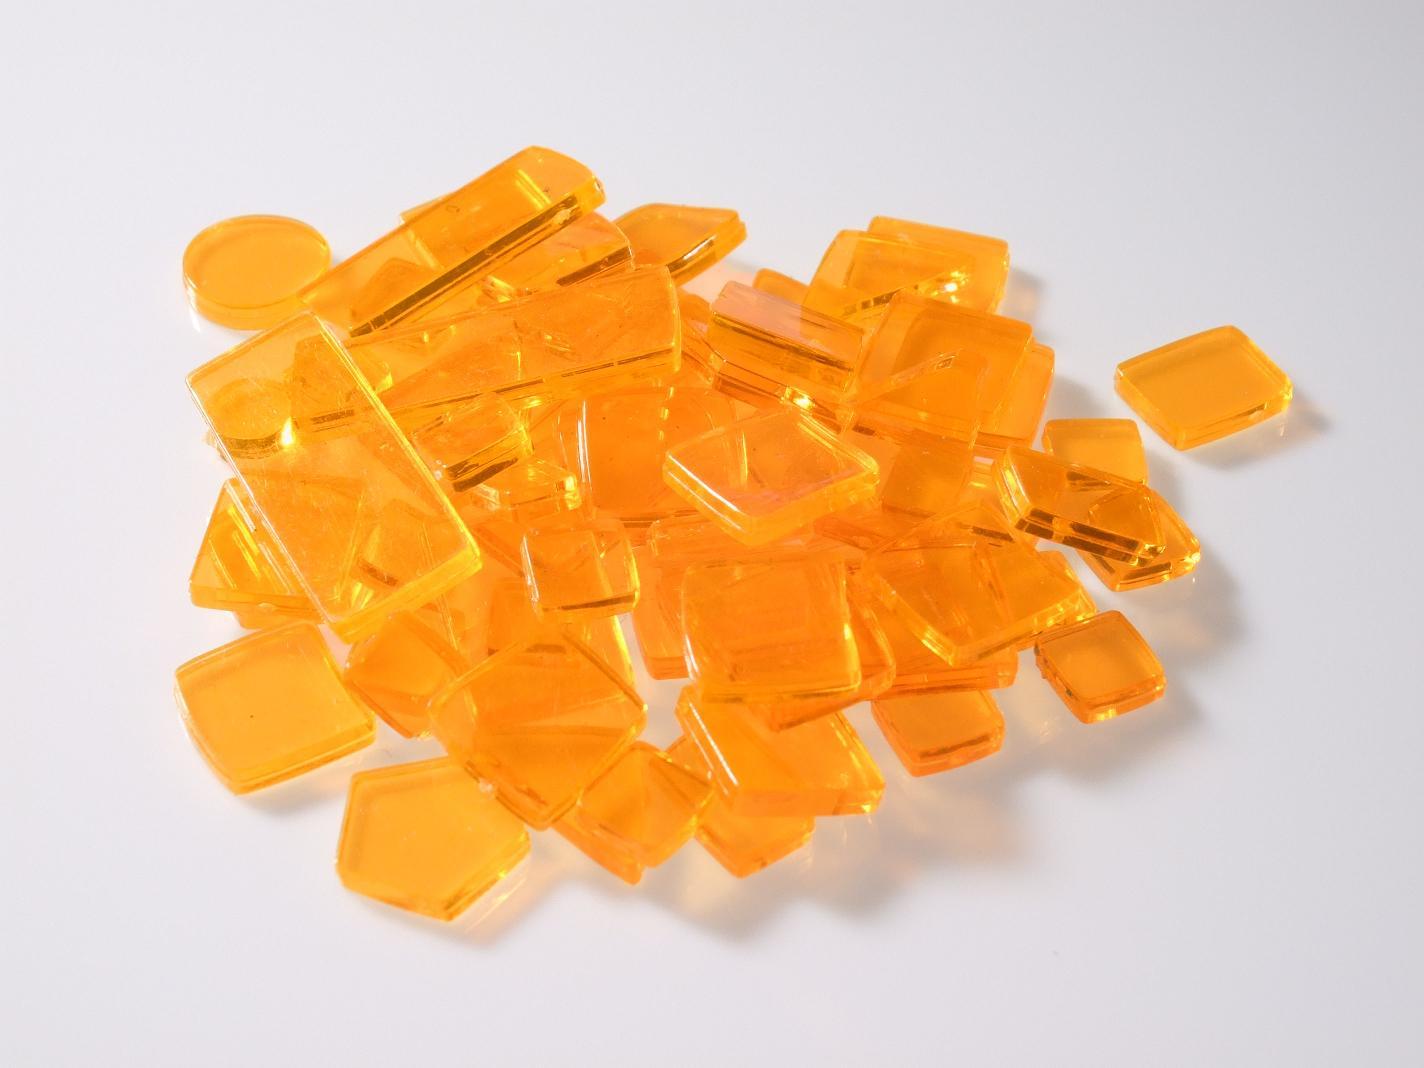 kunststoff mosaiksteine div formen orange 40g u51 50a. Black Bedroom Furniture Sets. Home Design Ideas